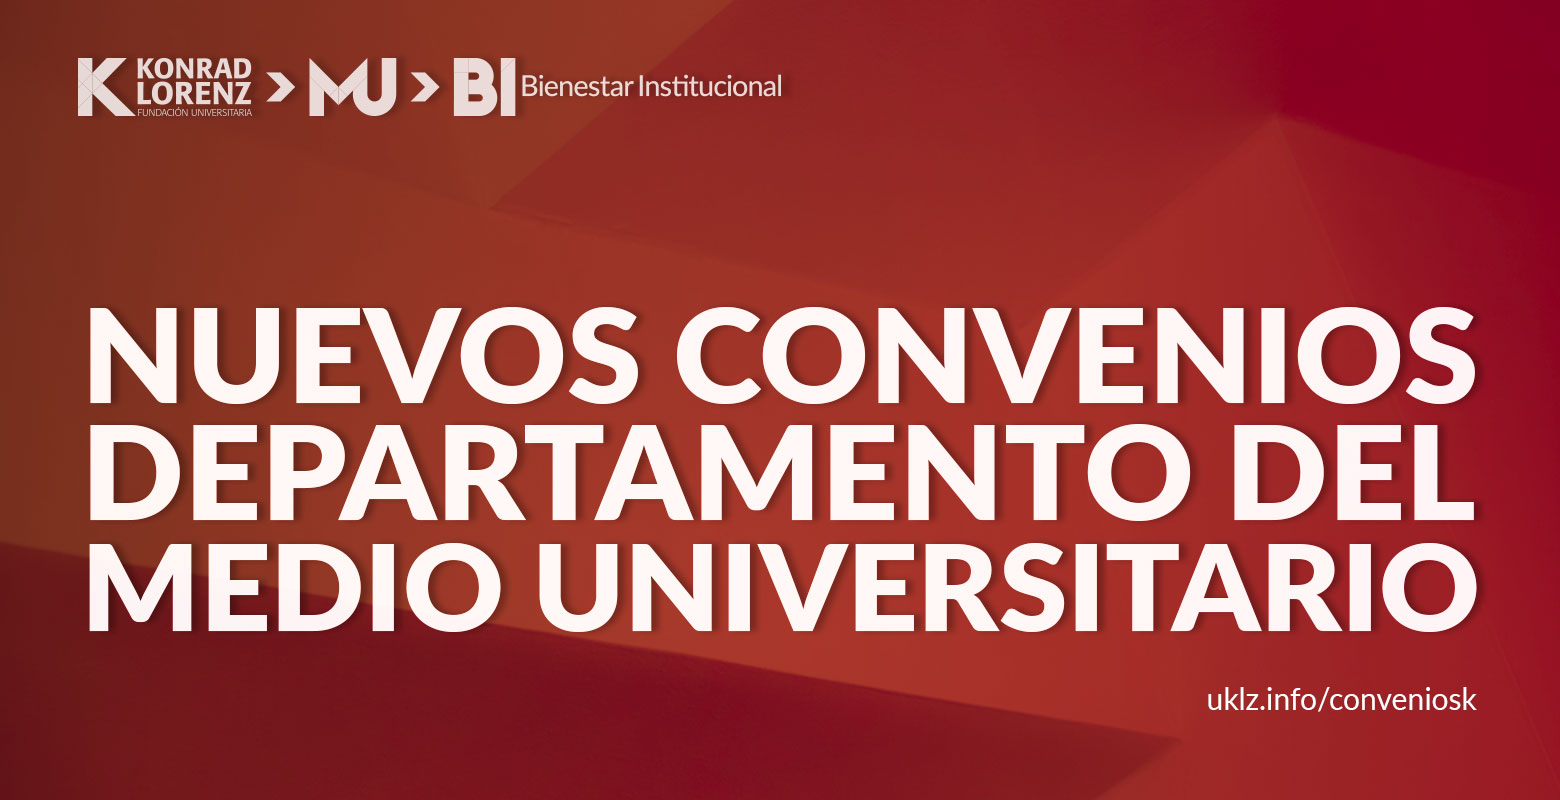 Nuevos Convenios del Departamento del Medio Universitario